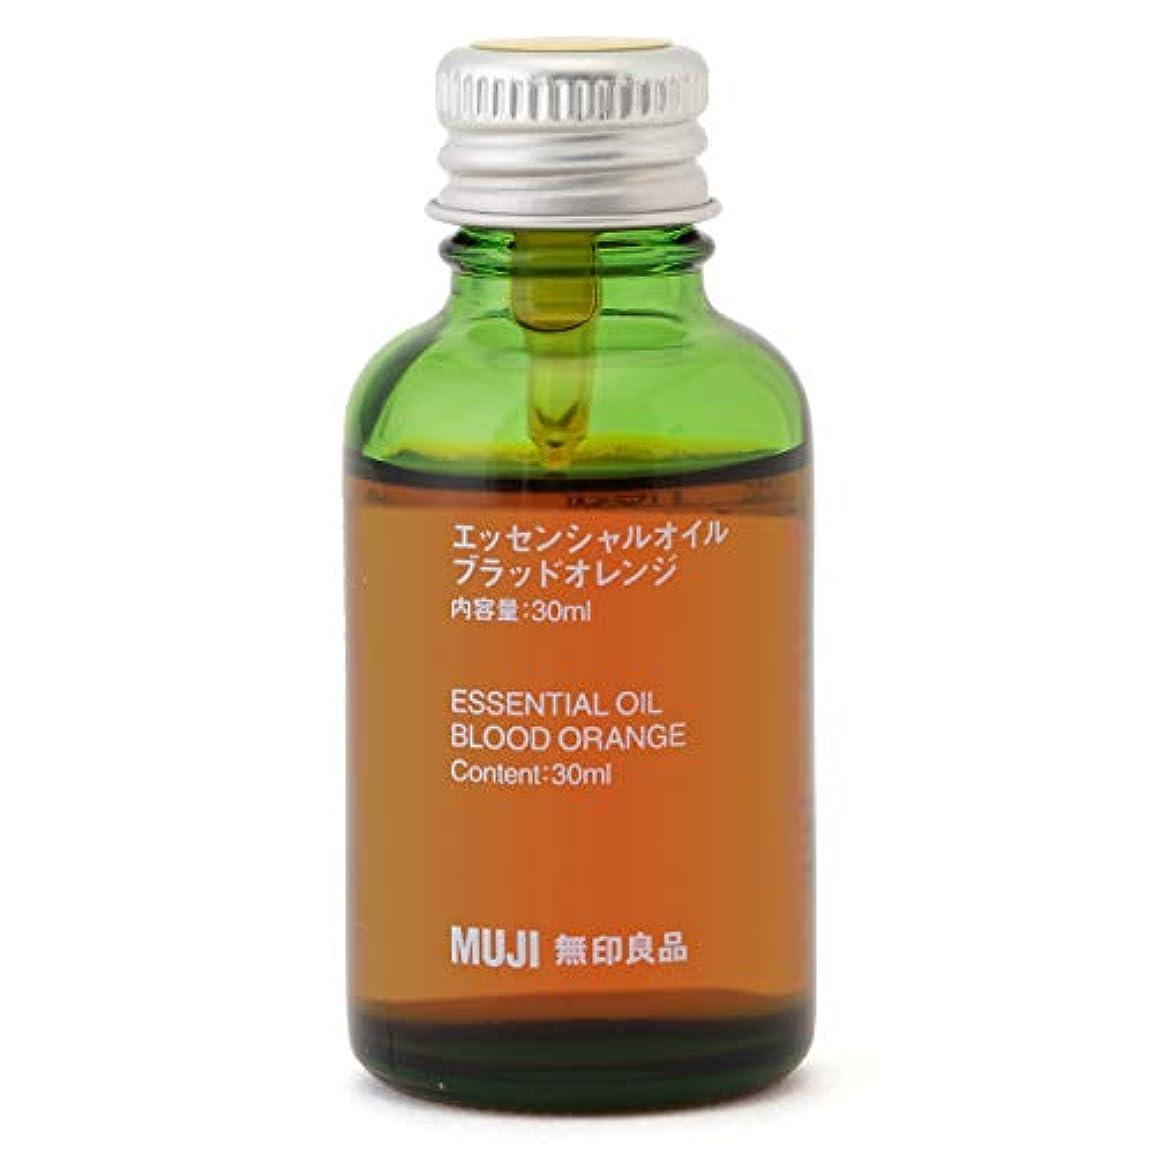 浴室晩ごはんハイキングに行く【無印良品】エッセンシャルオイル30ml(ブラッドオレンジ)